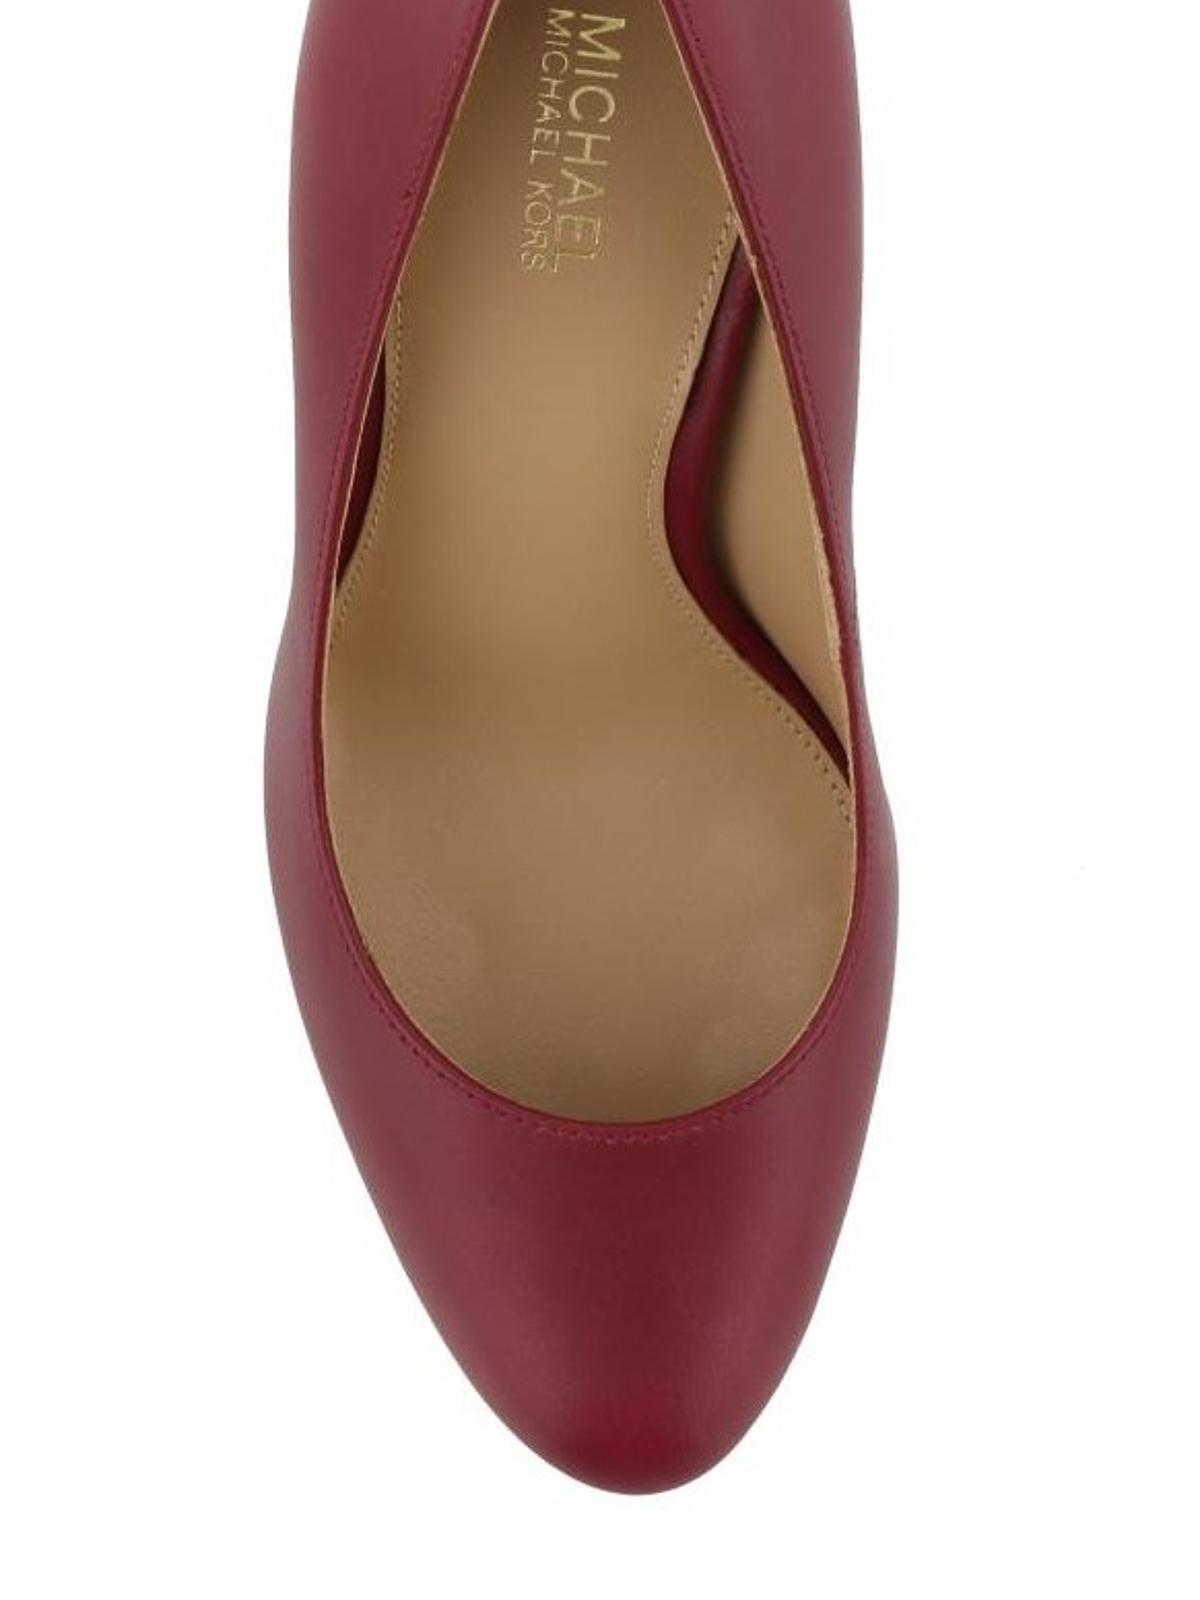 12f79a0a7f5d iKRIX MICHAEL KORS  court shoes - Antoinette rear detail leather pumps